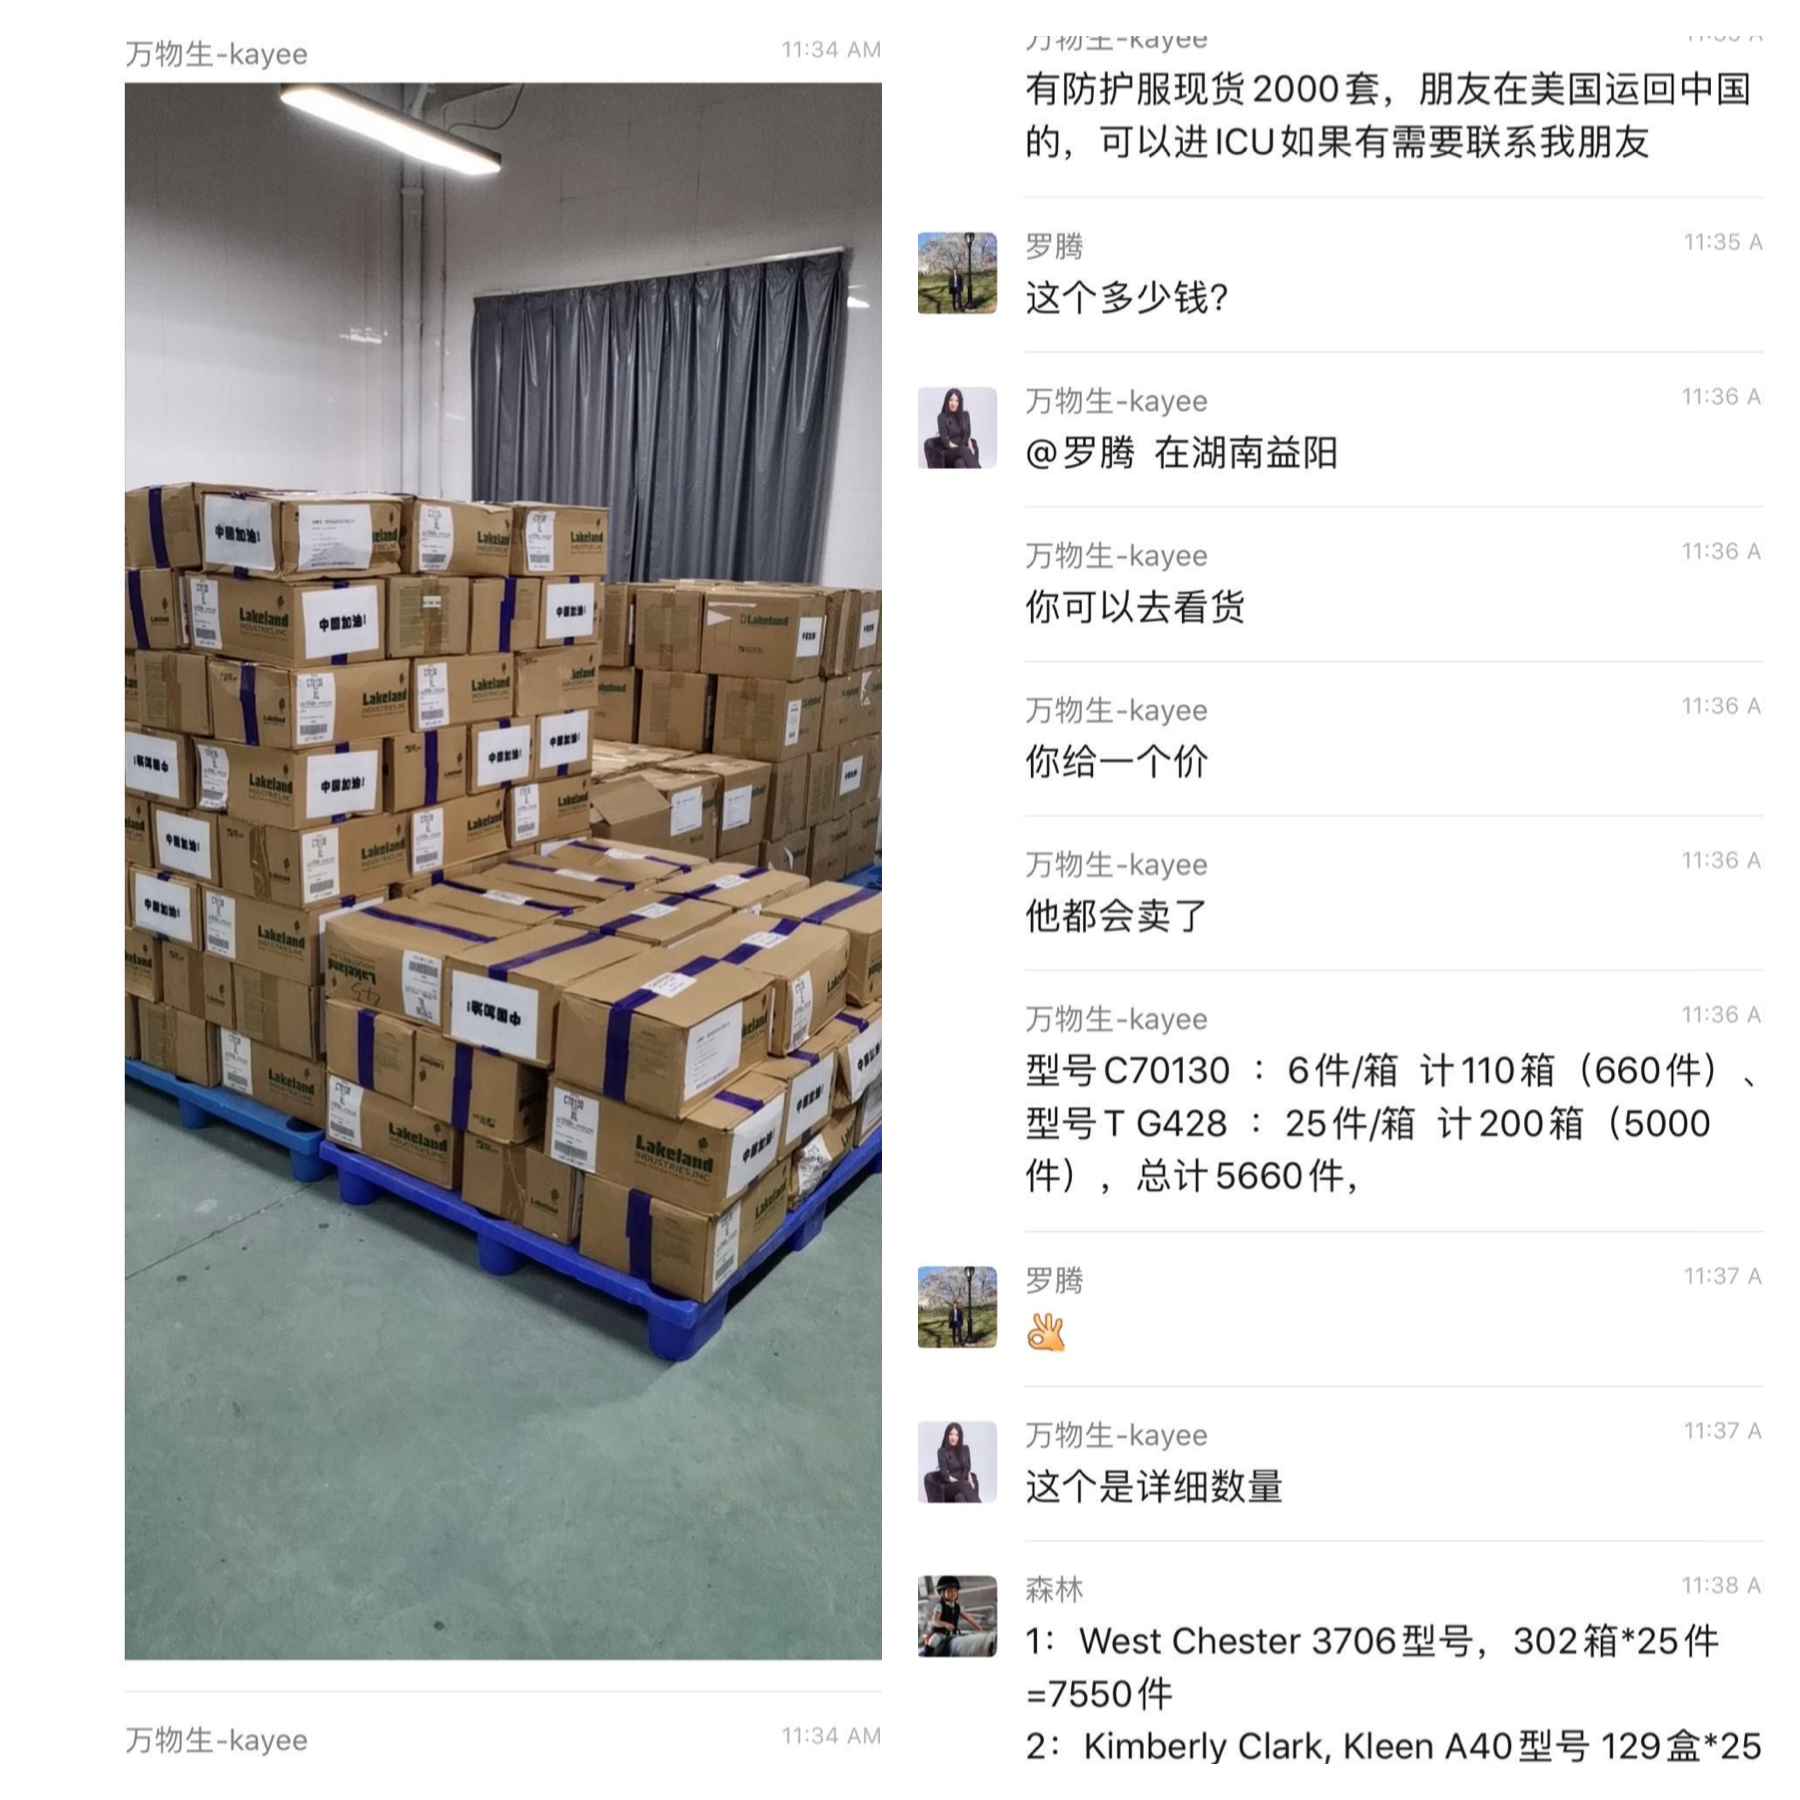 微信公眾號「西雅圖雷尼爾」在「美國醫院物資對接」群組中的對話截圖,成堆的包裝箱上面還貼著標籤「中國加油」。(網絡圖片)